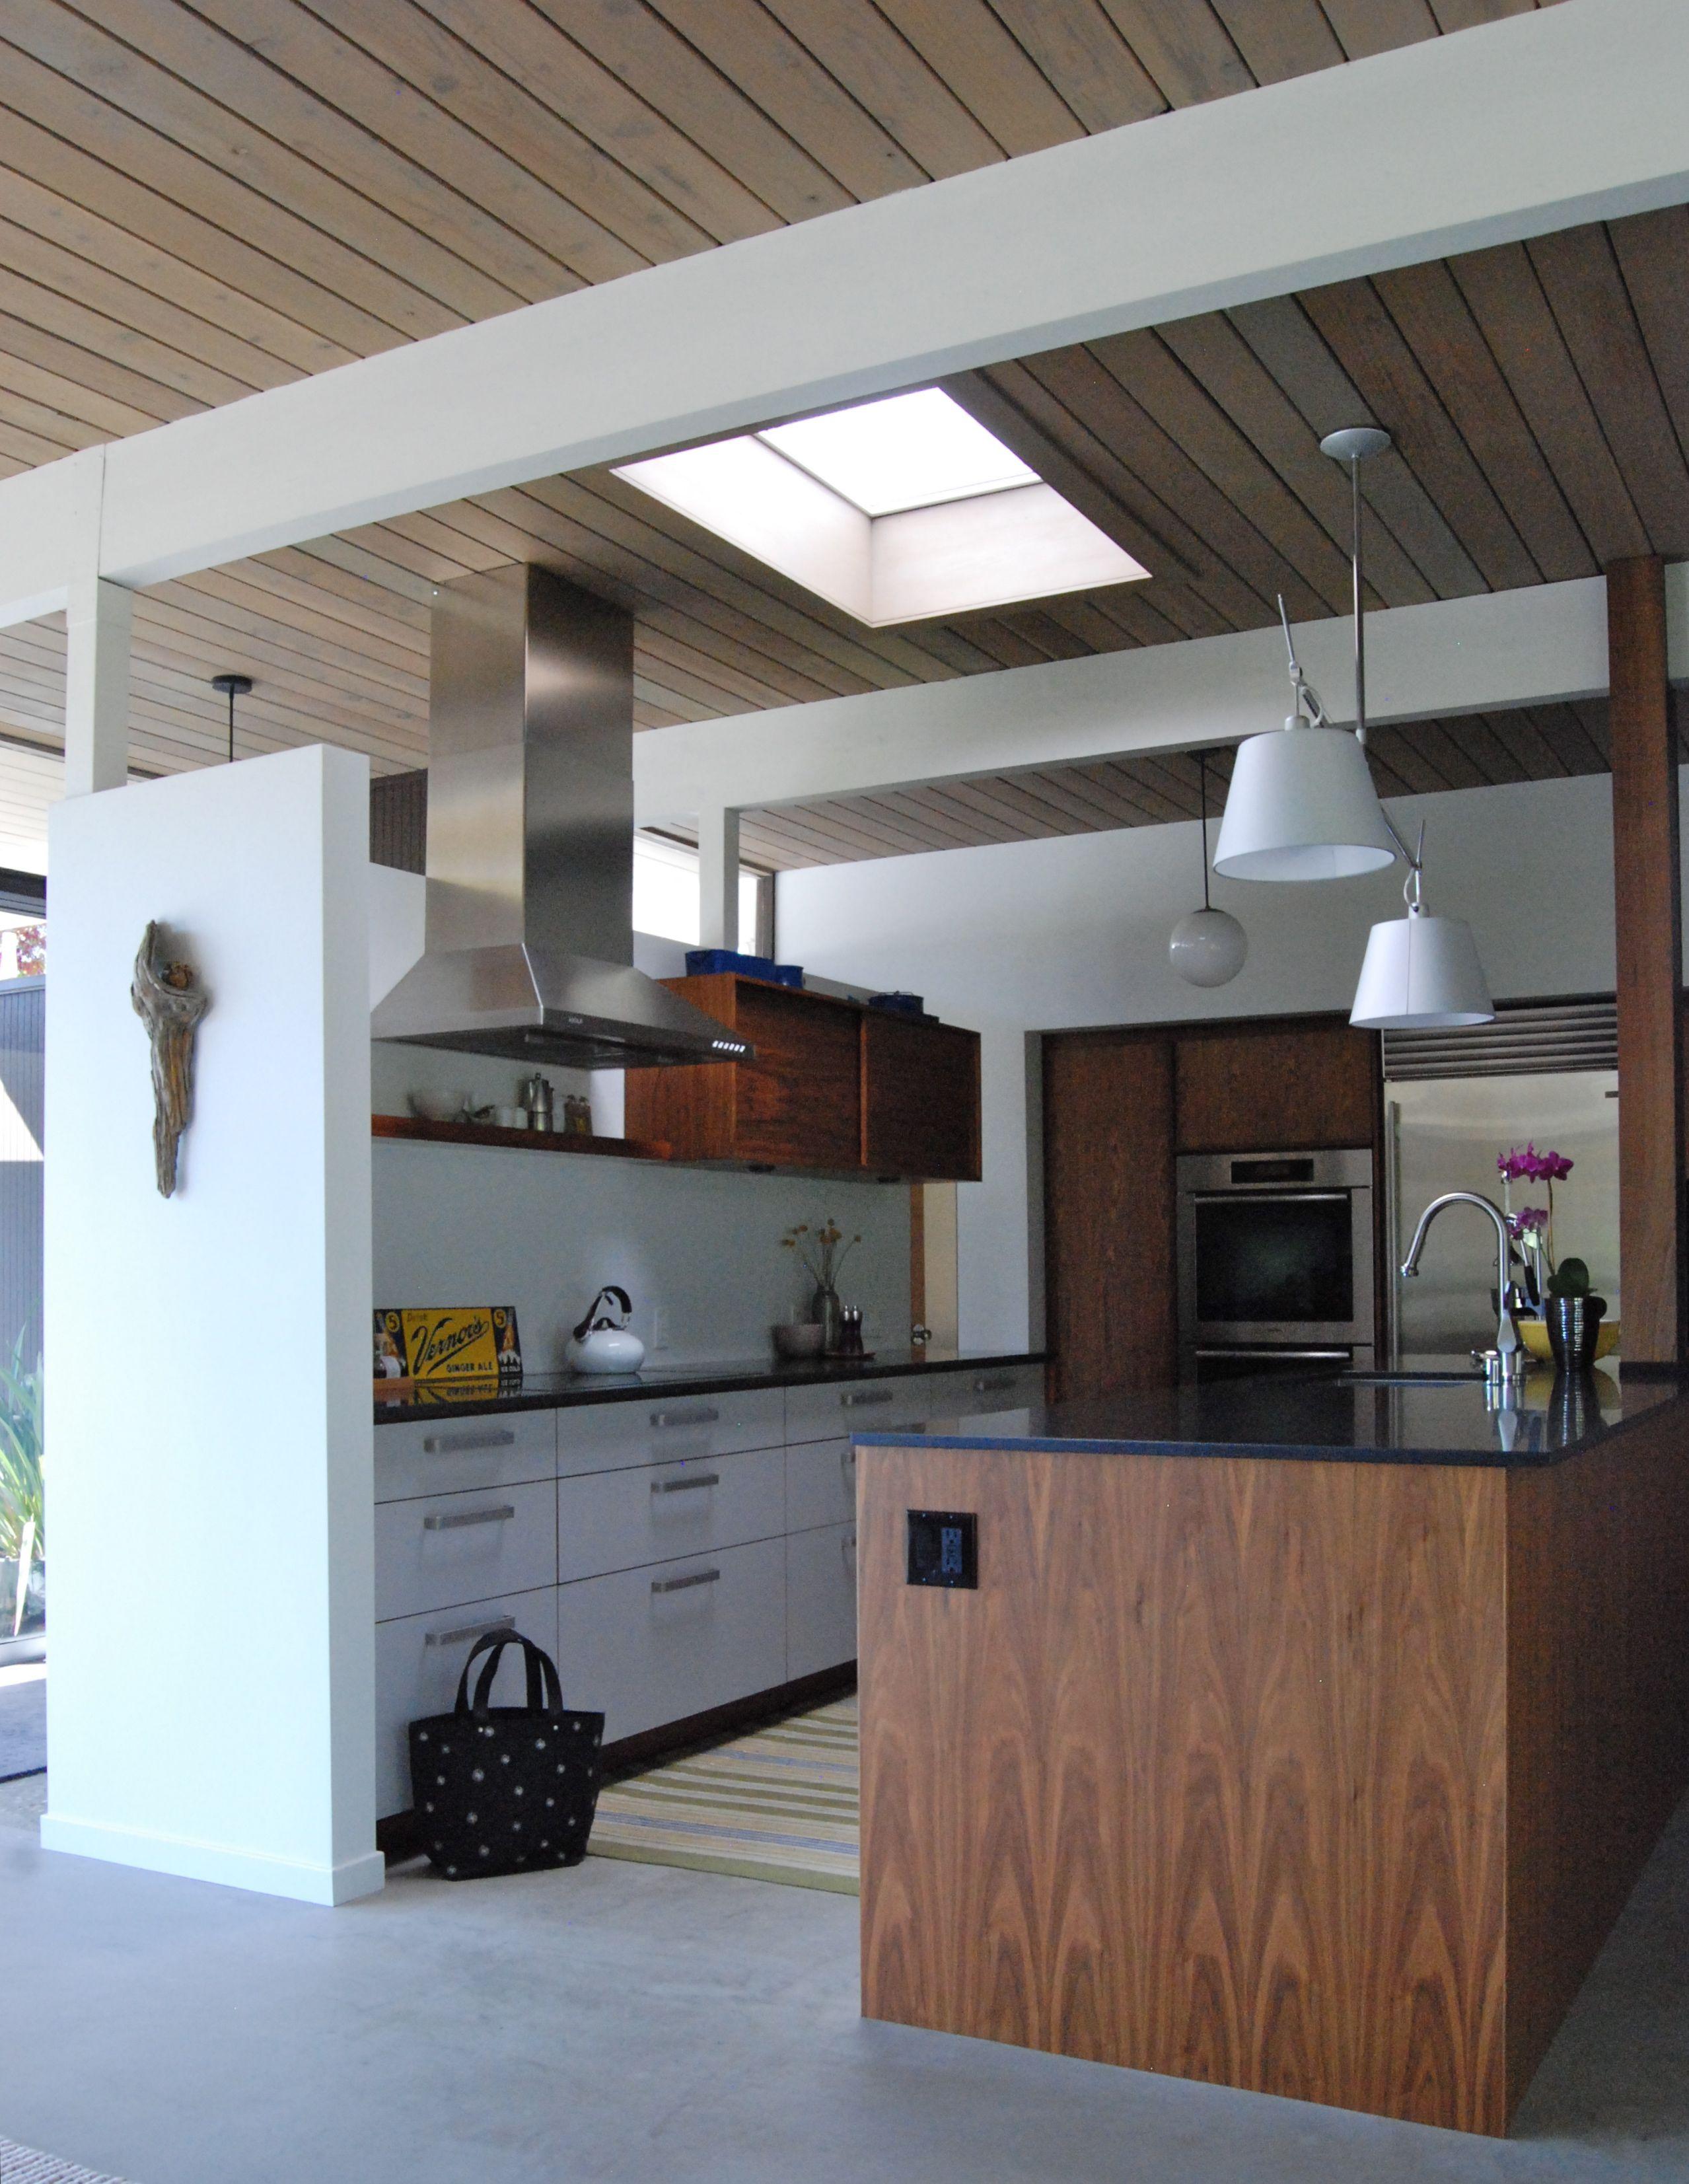 Best Carolyn Piotroski S Eichler Kitchen With Henrybuilt 640 x 480